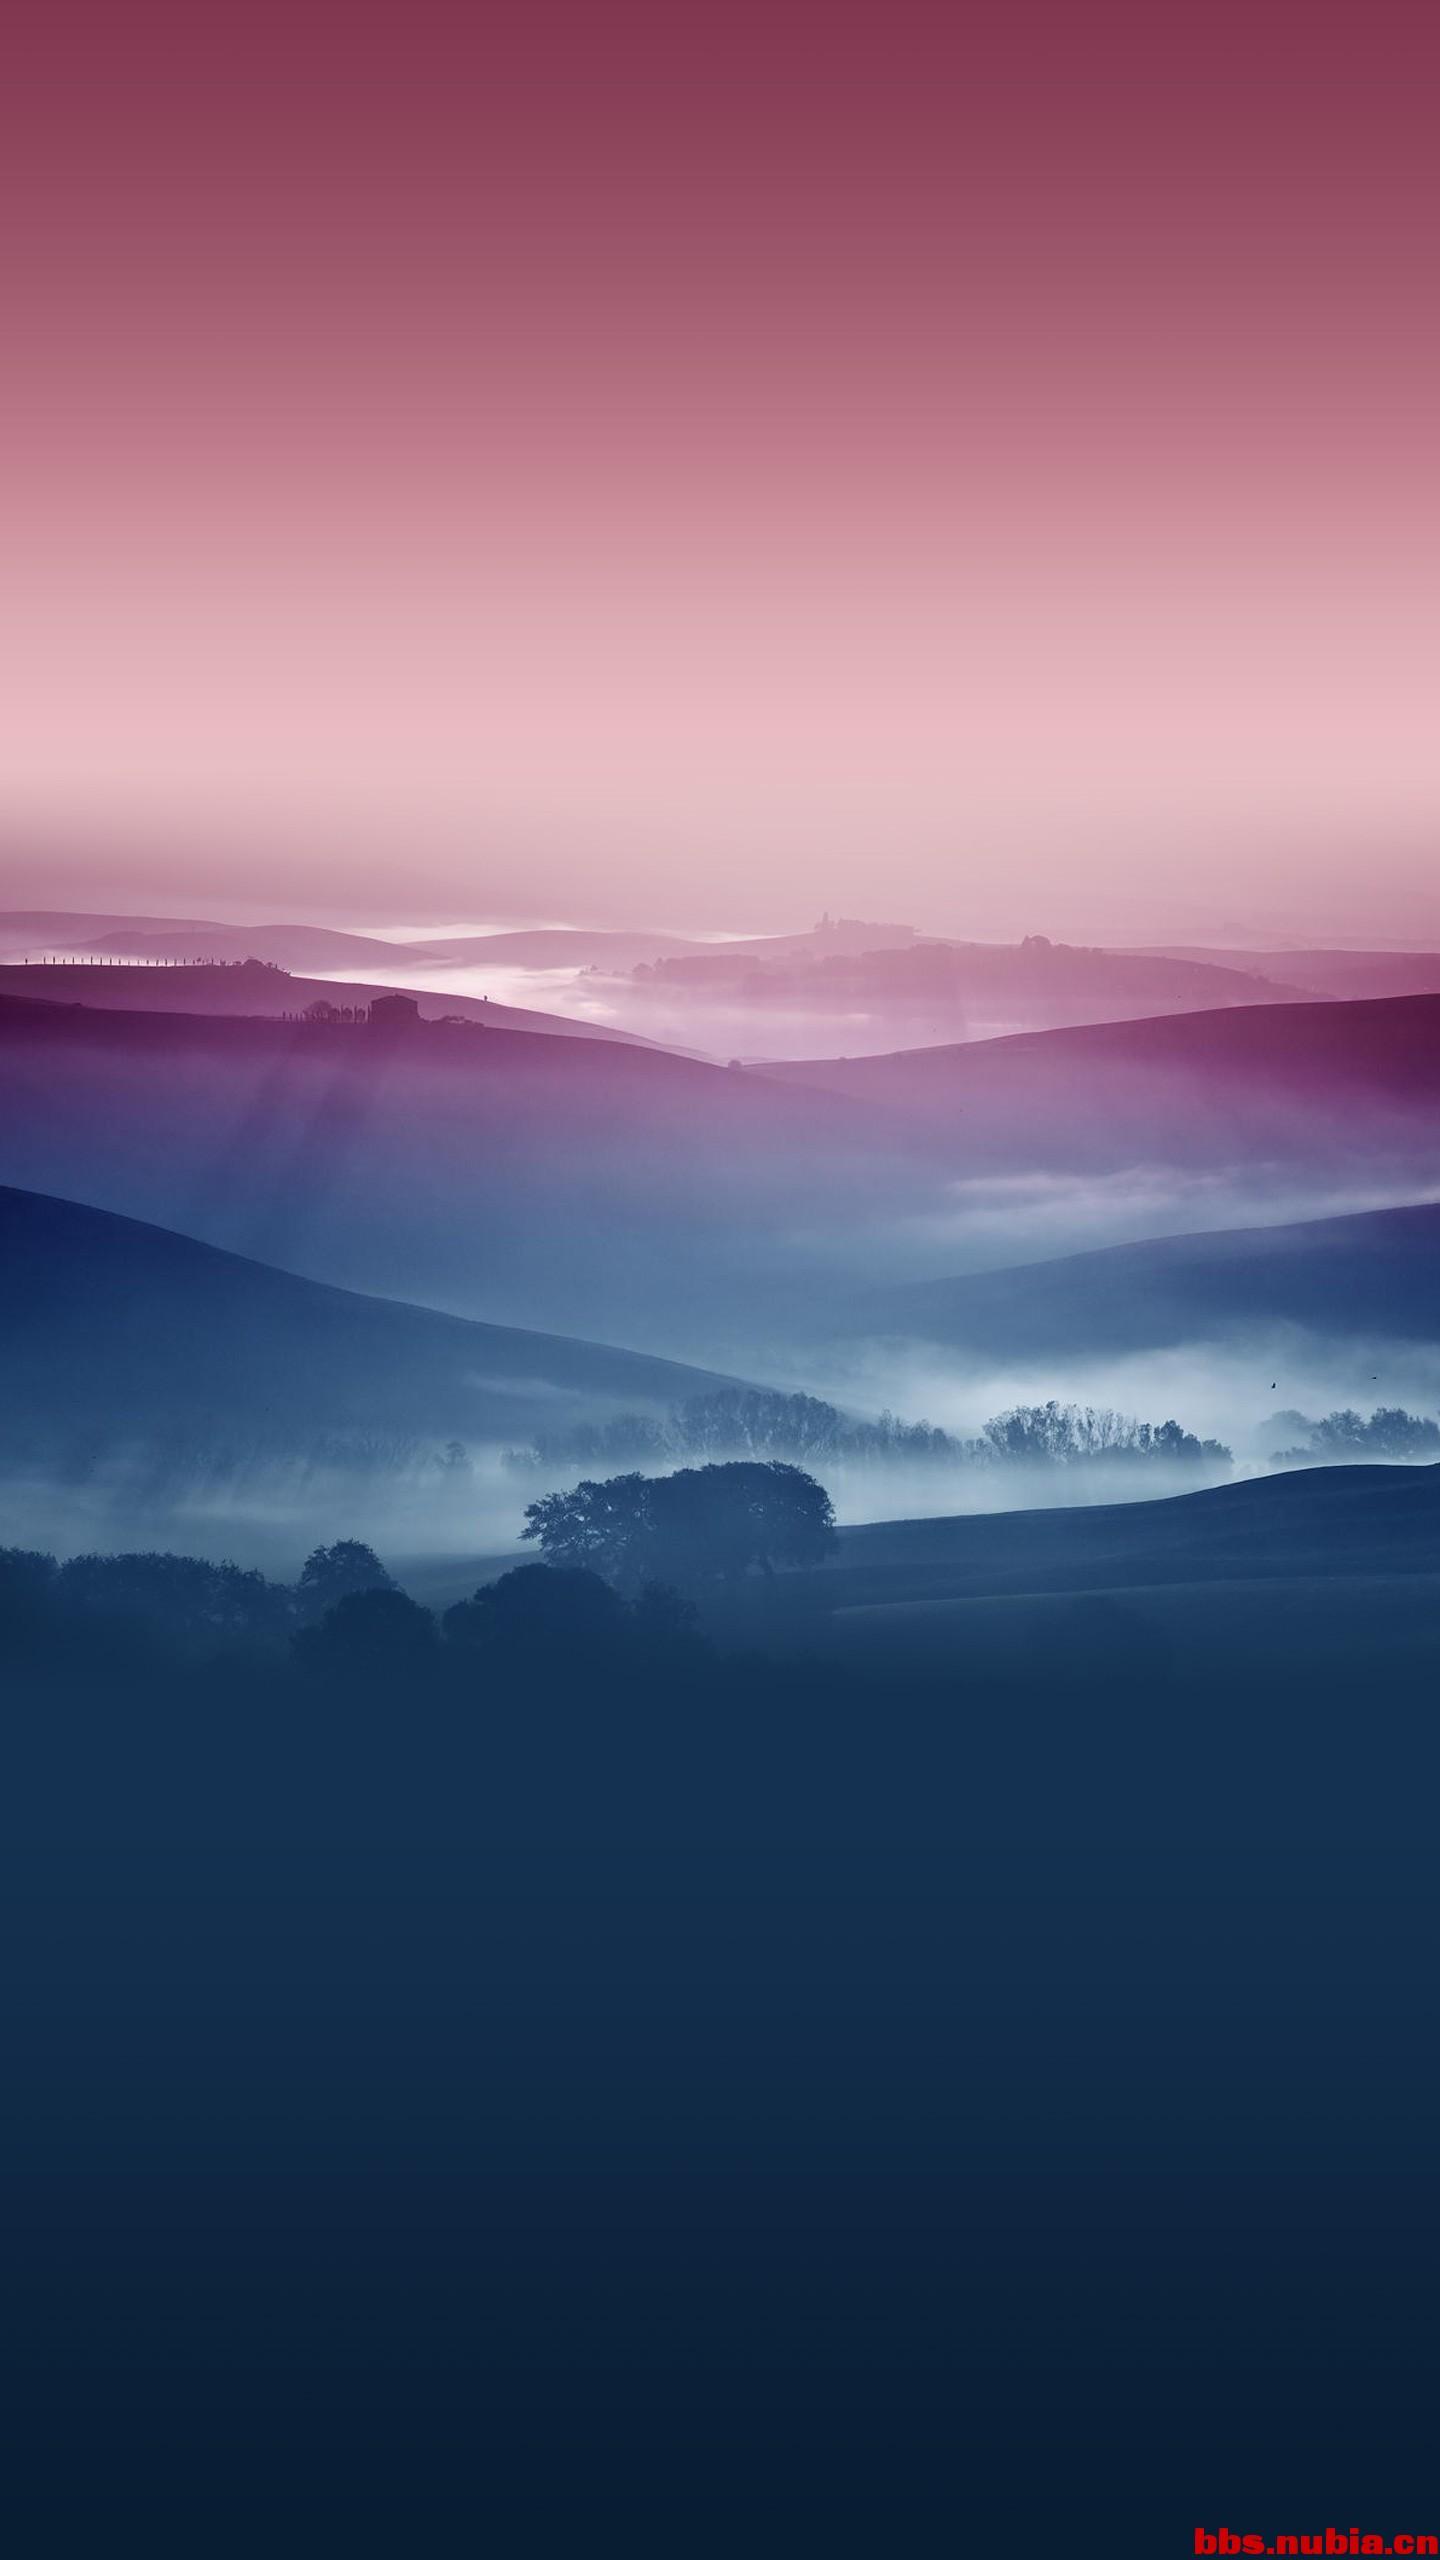 背景 壁纸 风景 天空 桌面 1440_2560 竖版 竖屏 手机